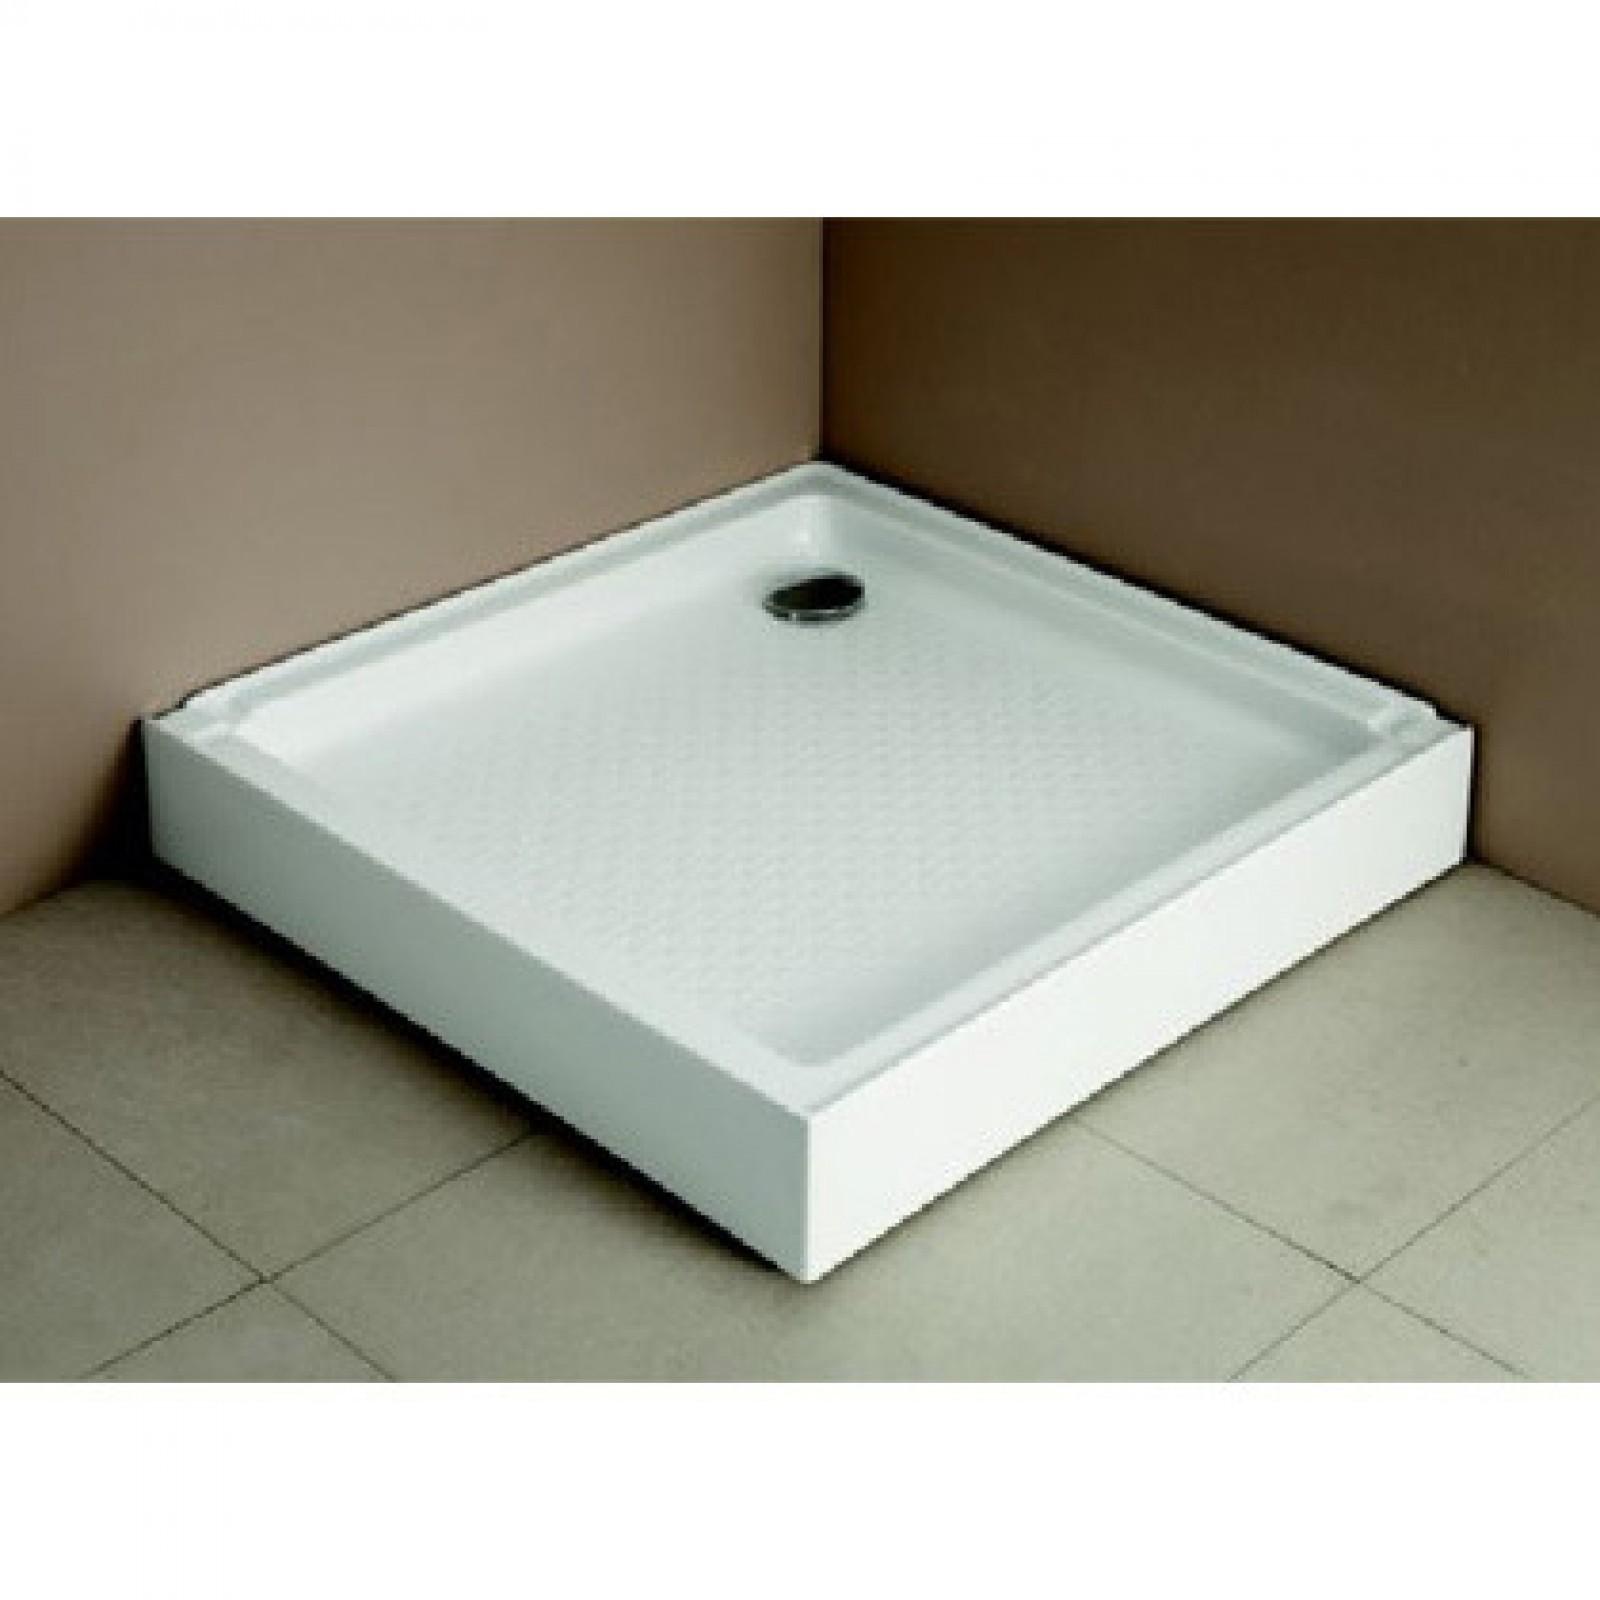 Allas Breve suihkunurkkaukselle 80x80x14 cm valkoinen  Työkalut netistä